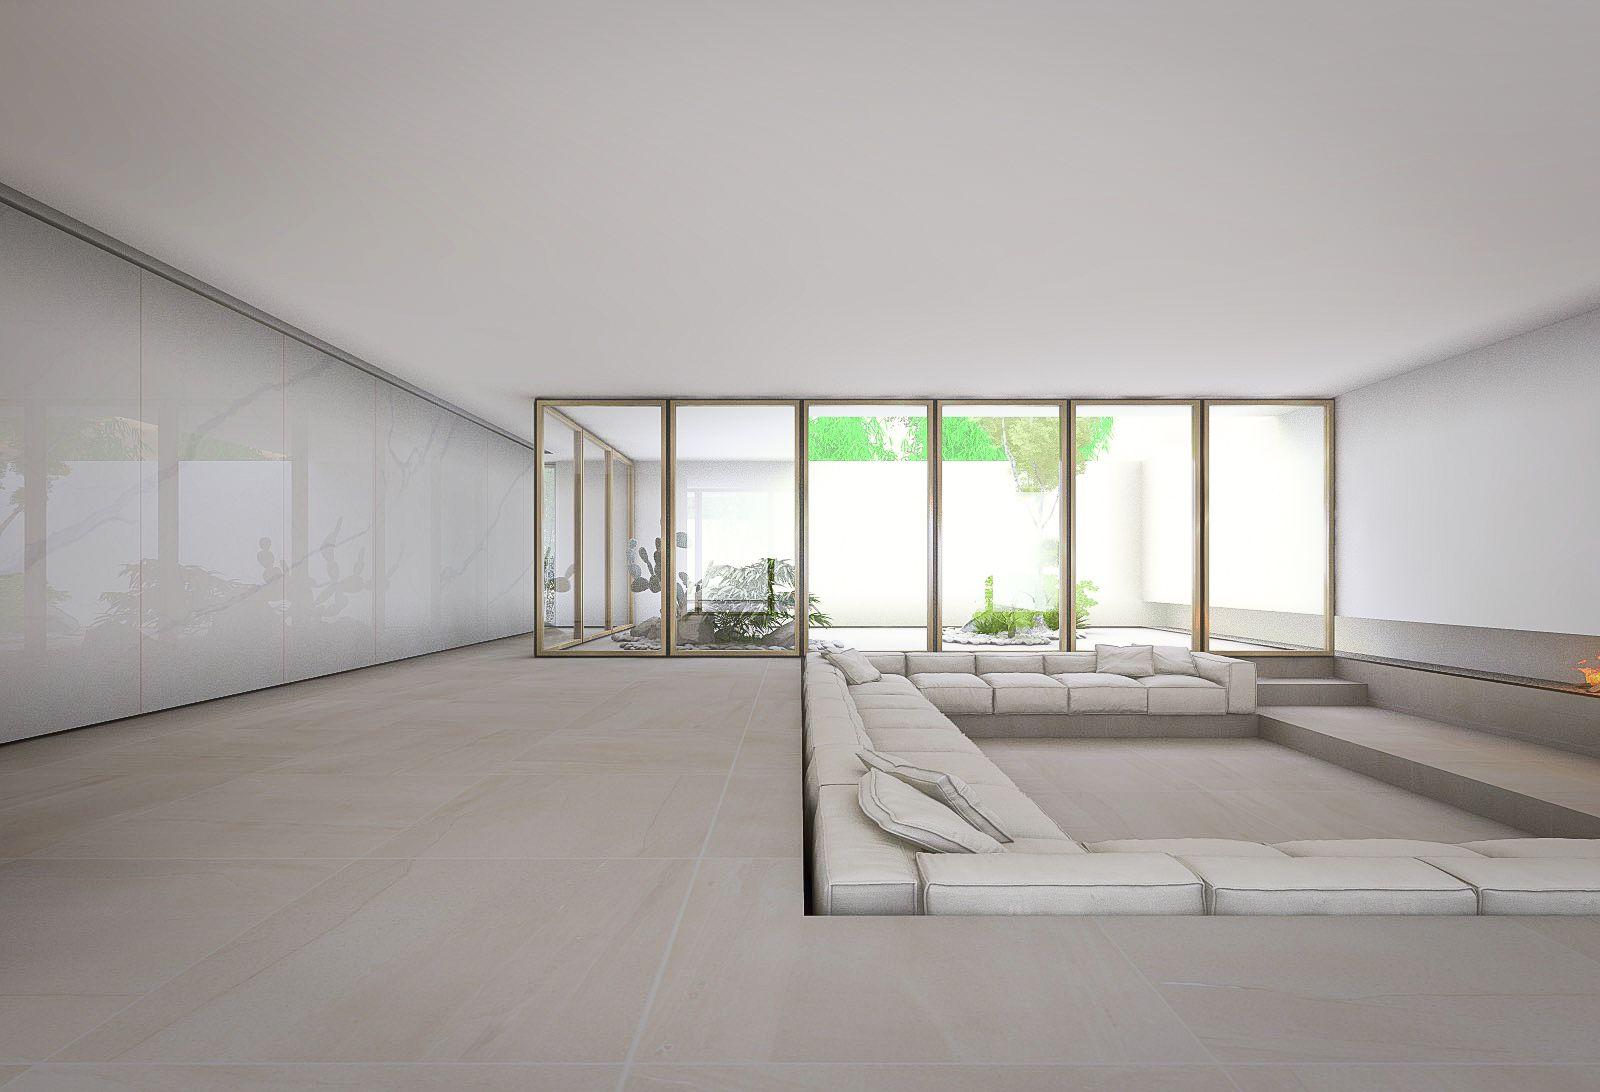 filip deslee chteau moderne ides pour la maison conception maison minimaliste intrieur minimaliste